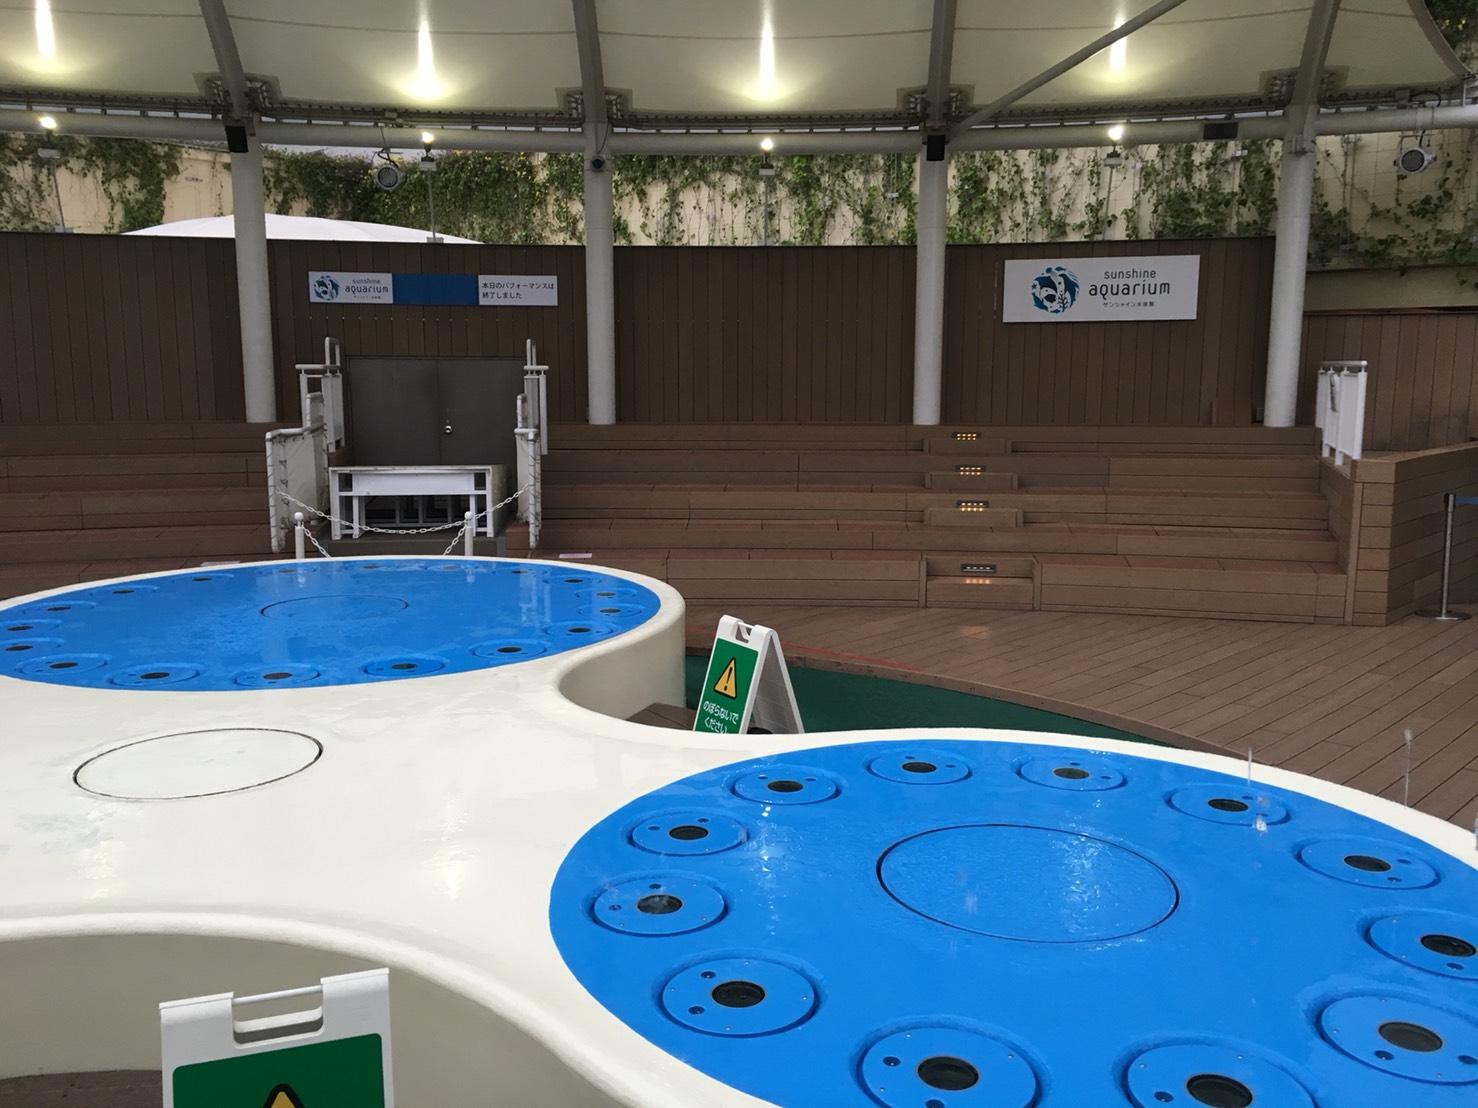 【池袋駅】「サンシャイン水族館」で癒されようよ!ほら早く!のイベント広場2